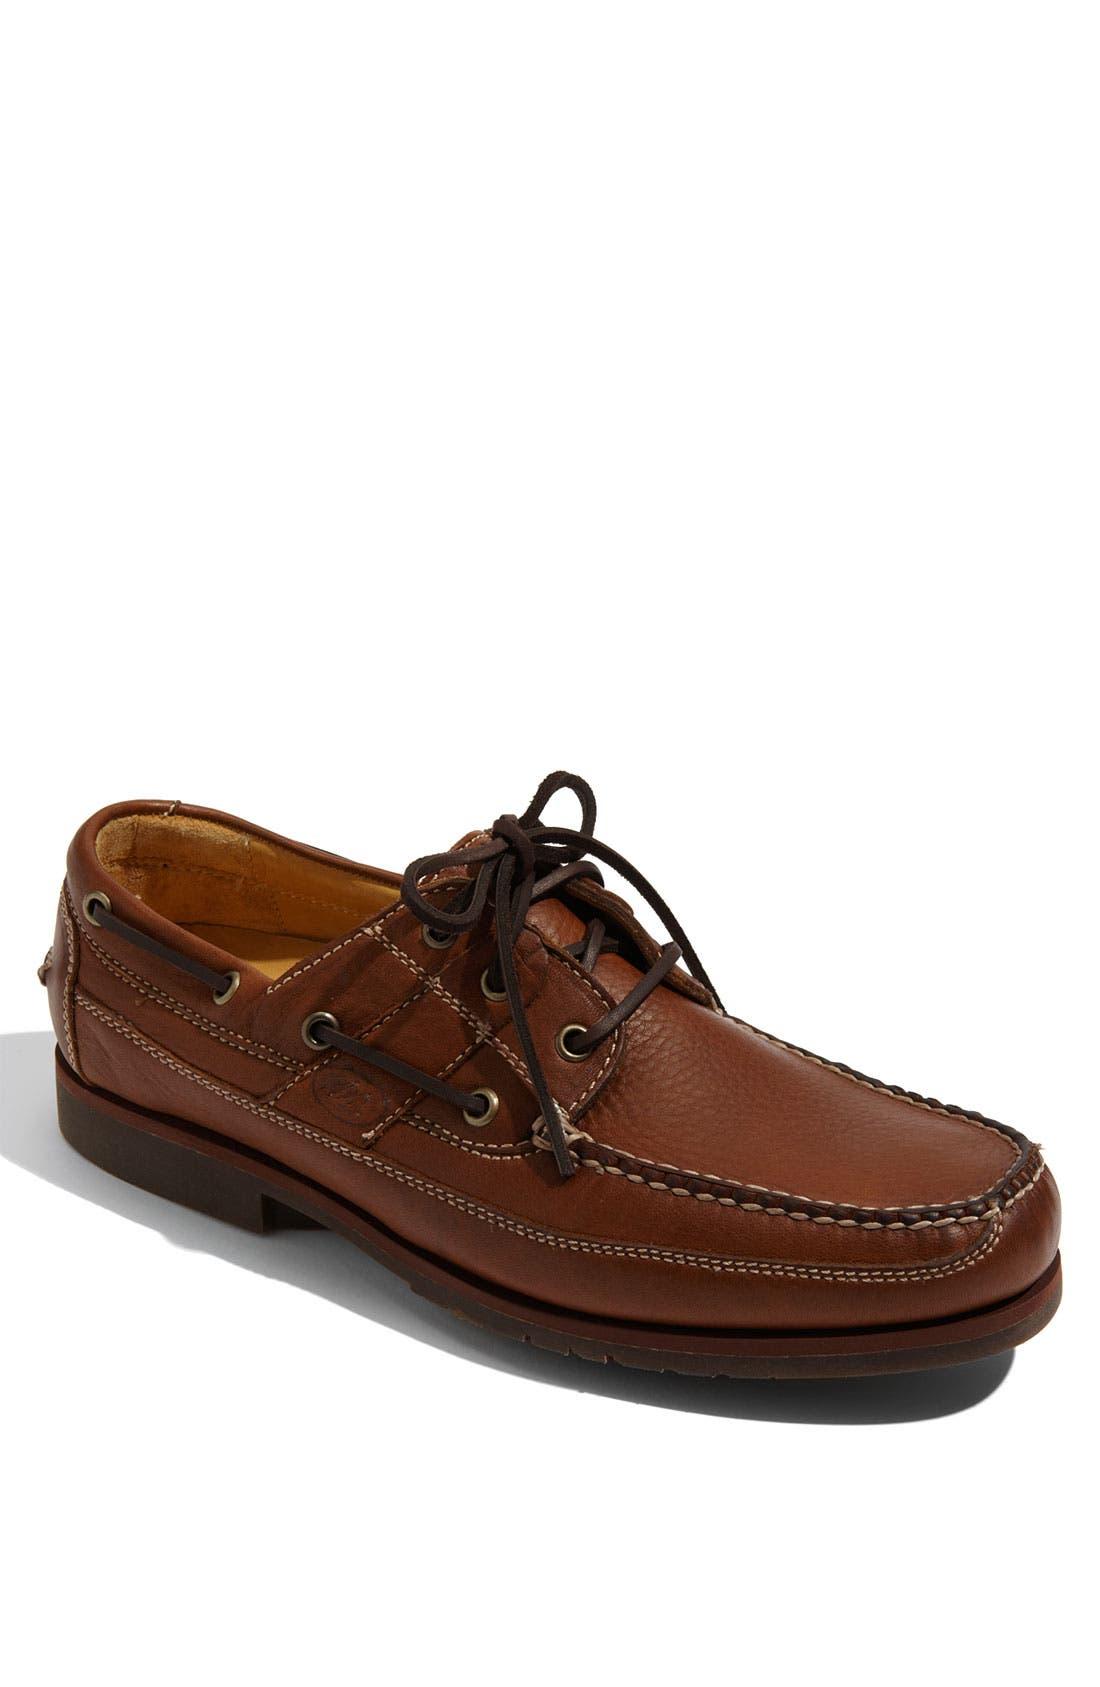 'Bridgeport' Boat Shoe,                         Main,                         color, 210